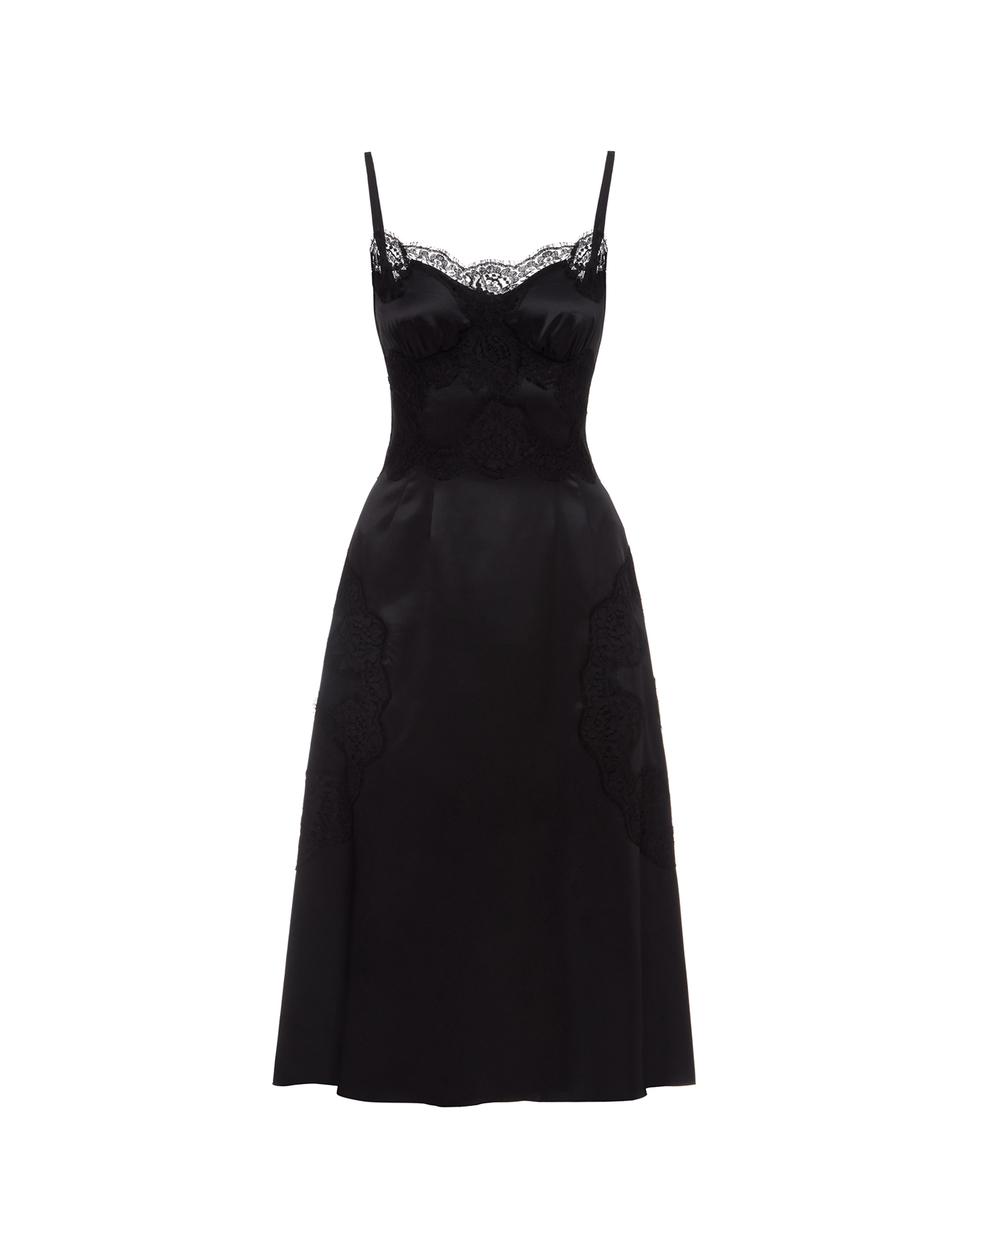 Шелковое платье Dolce&Gabbana F6K2WT-FURAG — Kameron